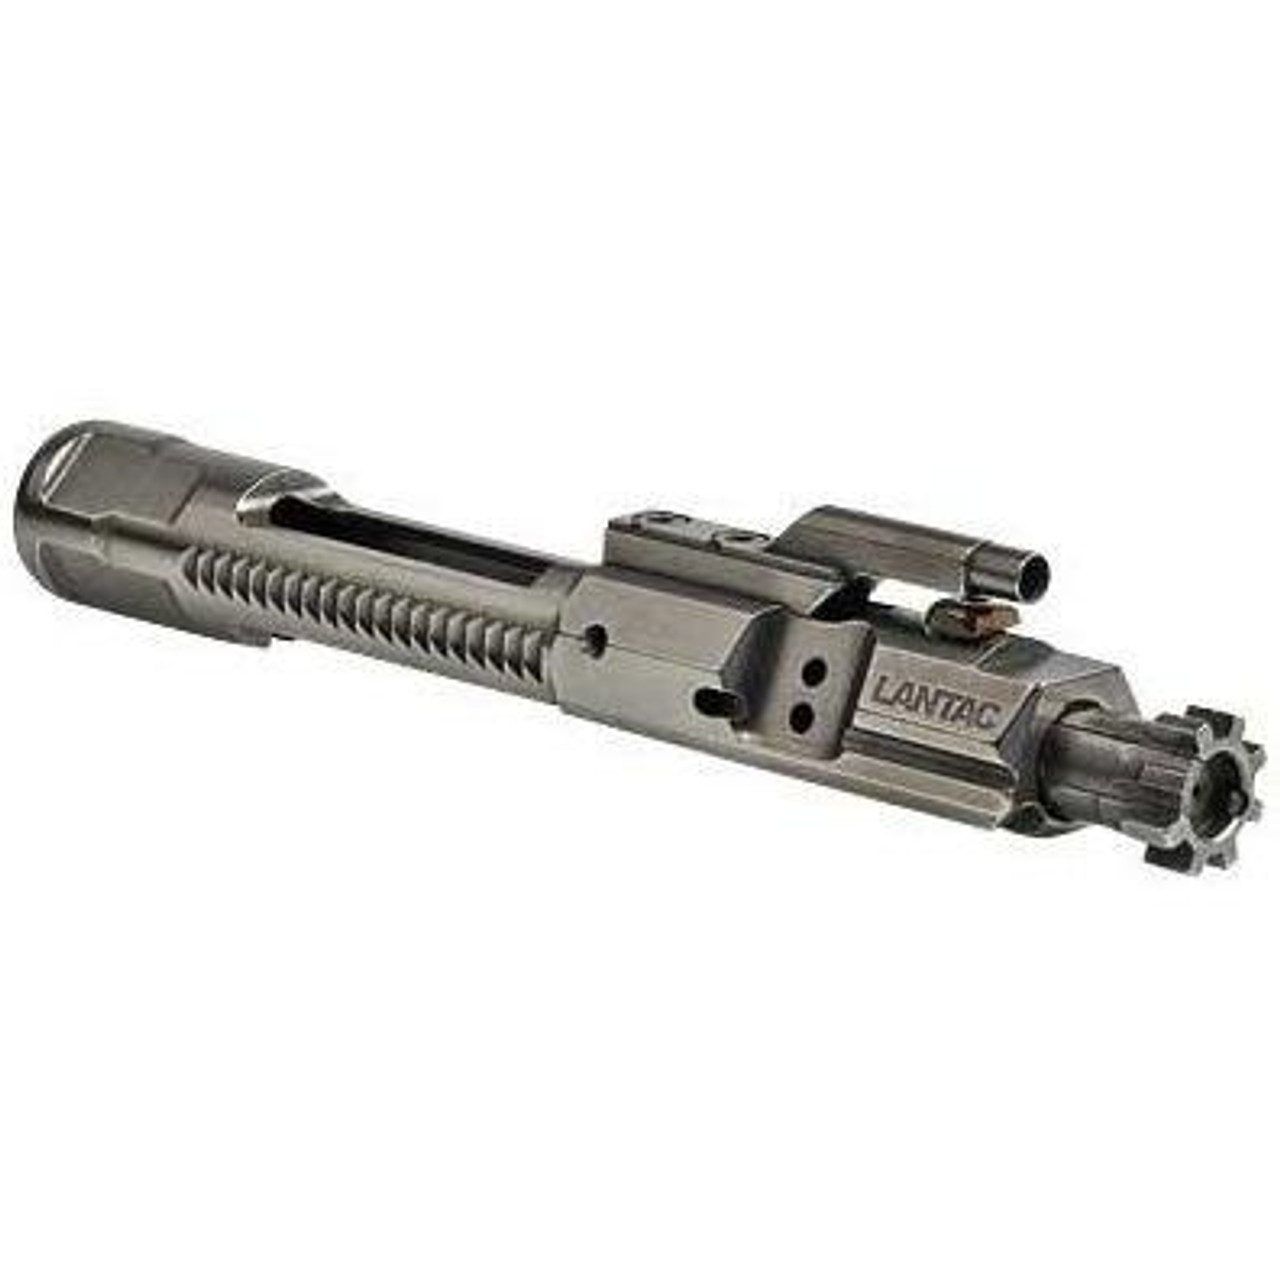 LanTac .223/5.56 Enhanced Bolt Carrier Group